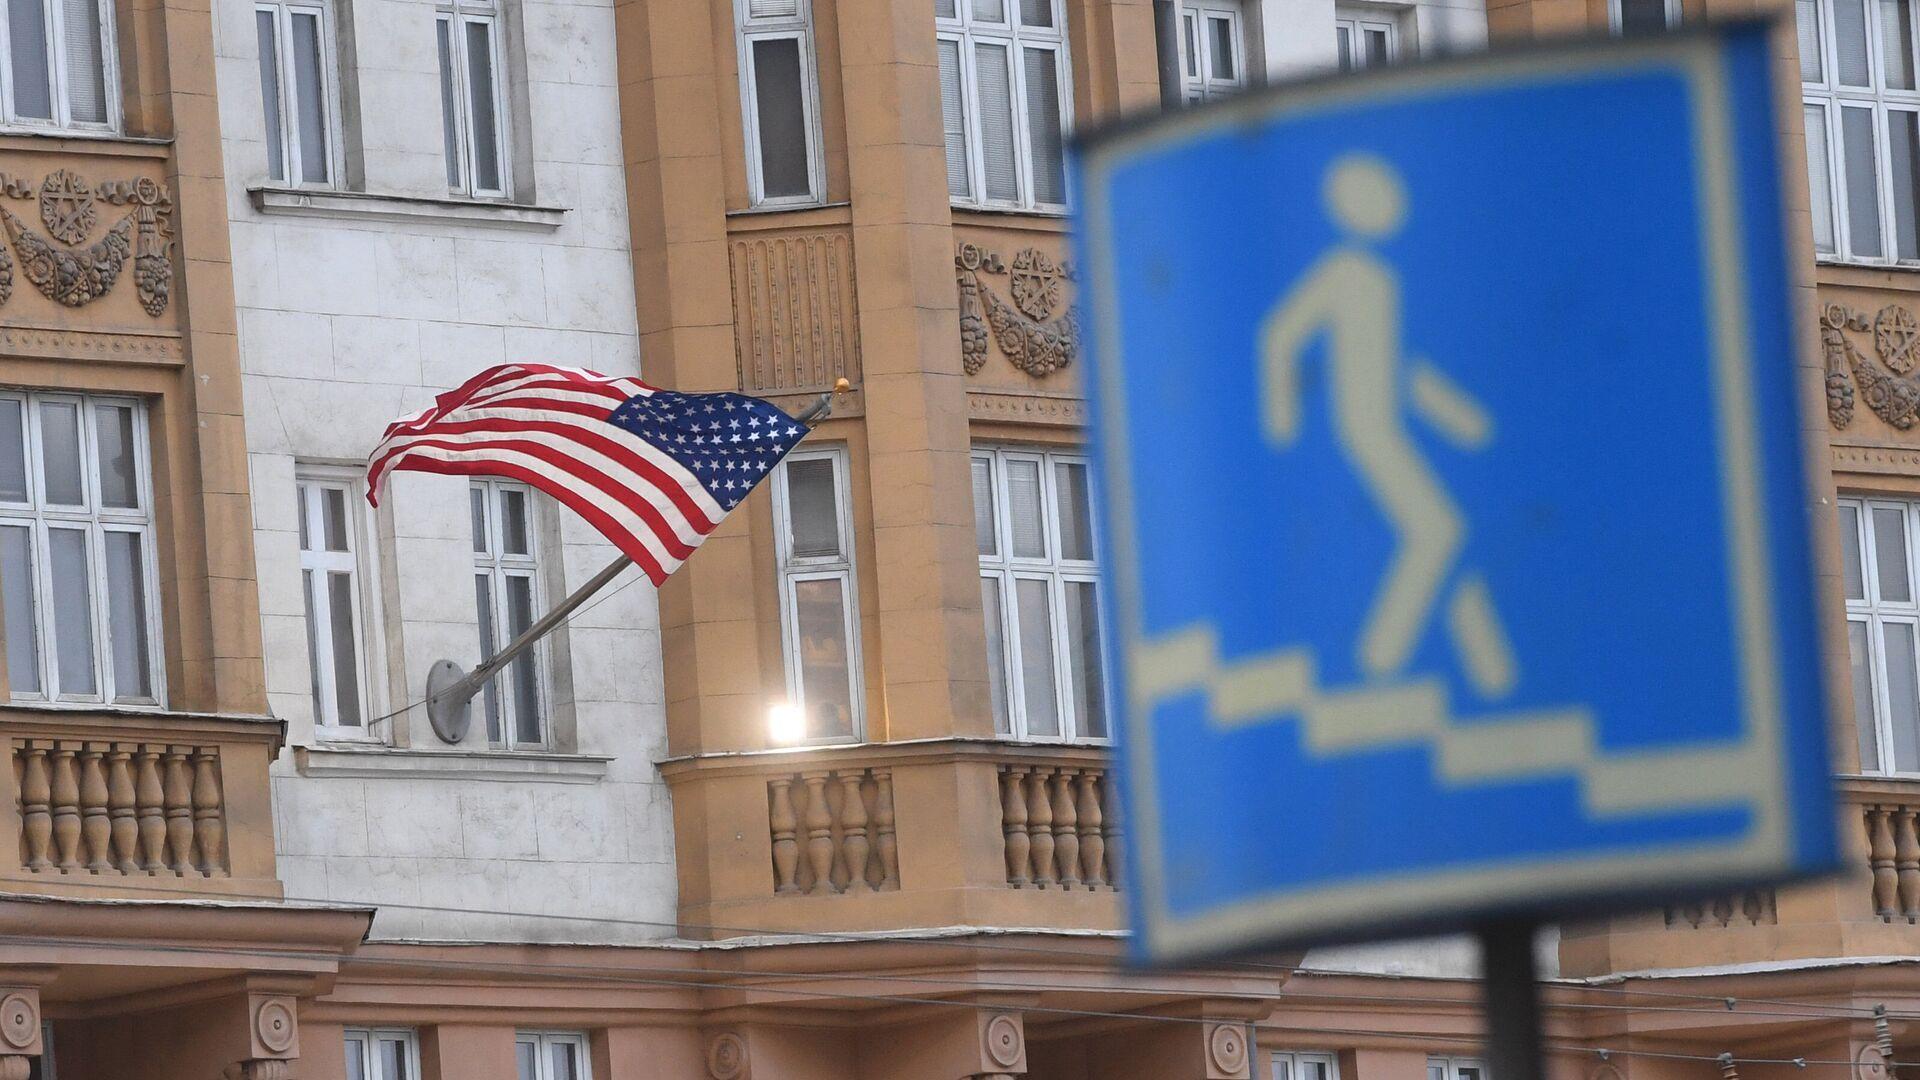 El edificio de la Embajada de EEUU en Moscú, Rusia - Sputnik Mundo, 1920, 16.04.2021